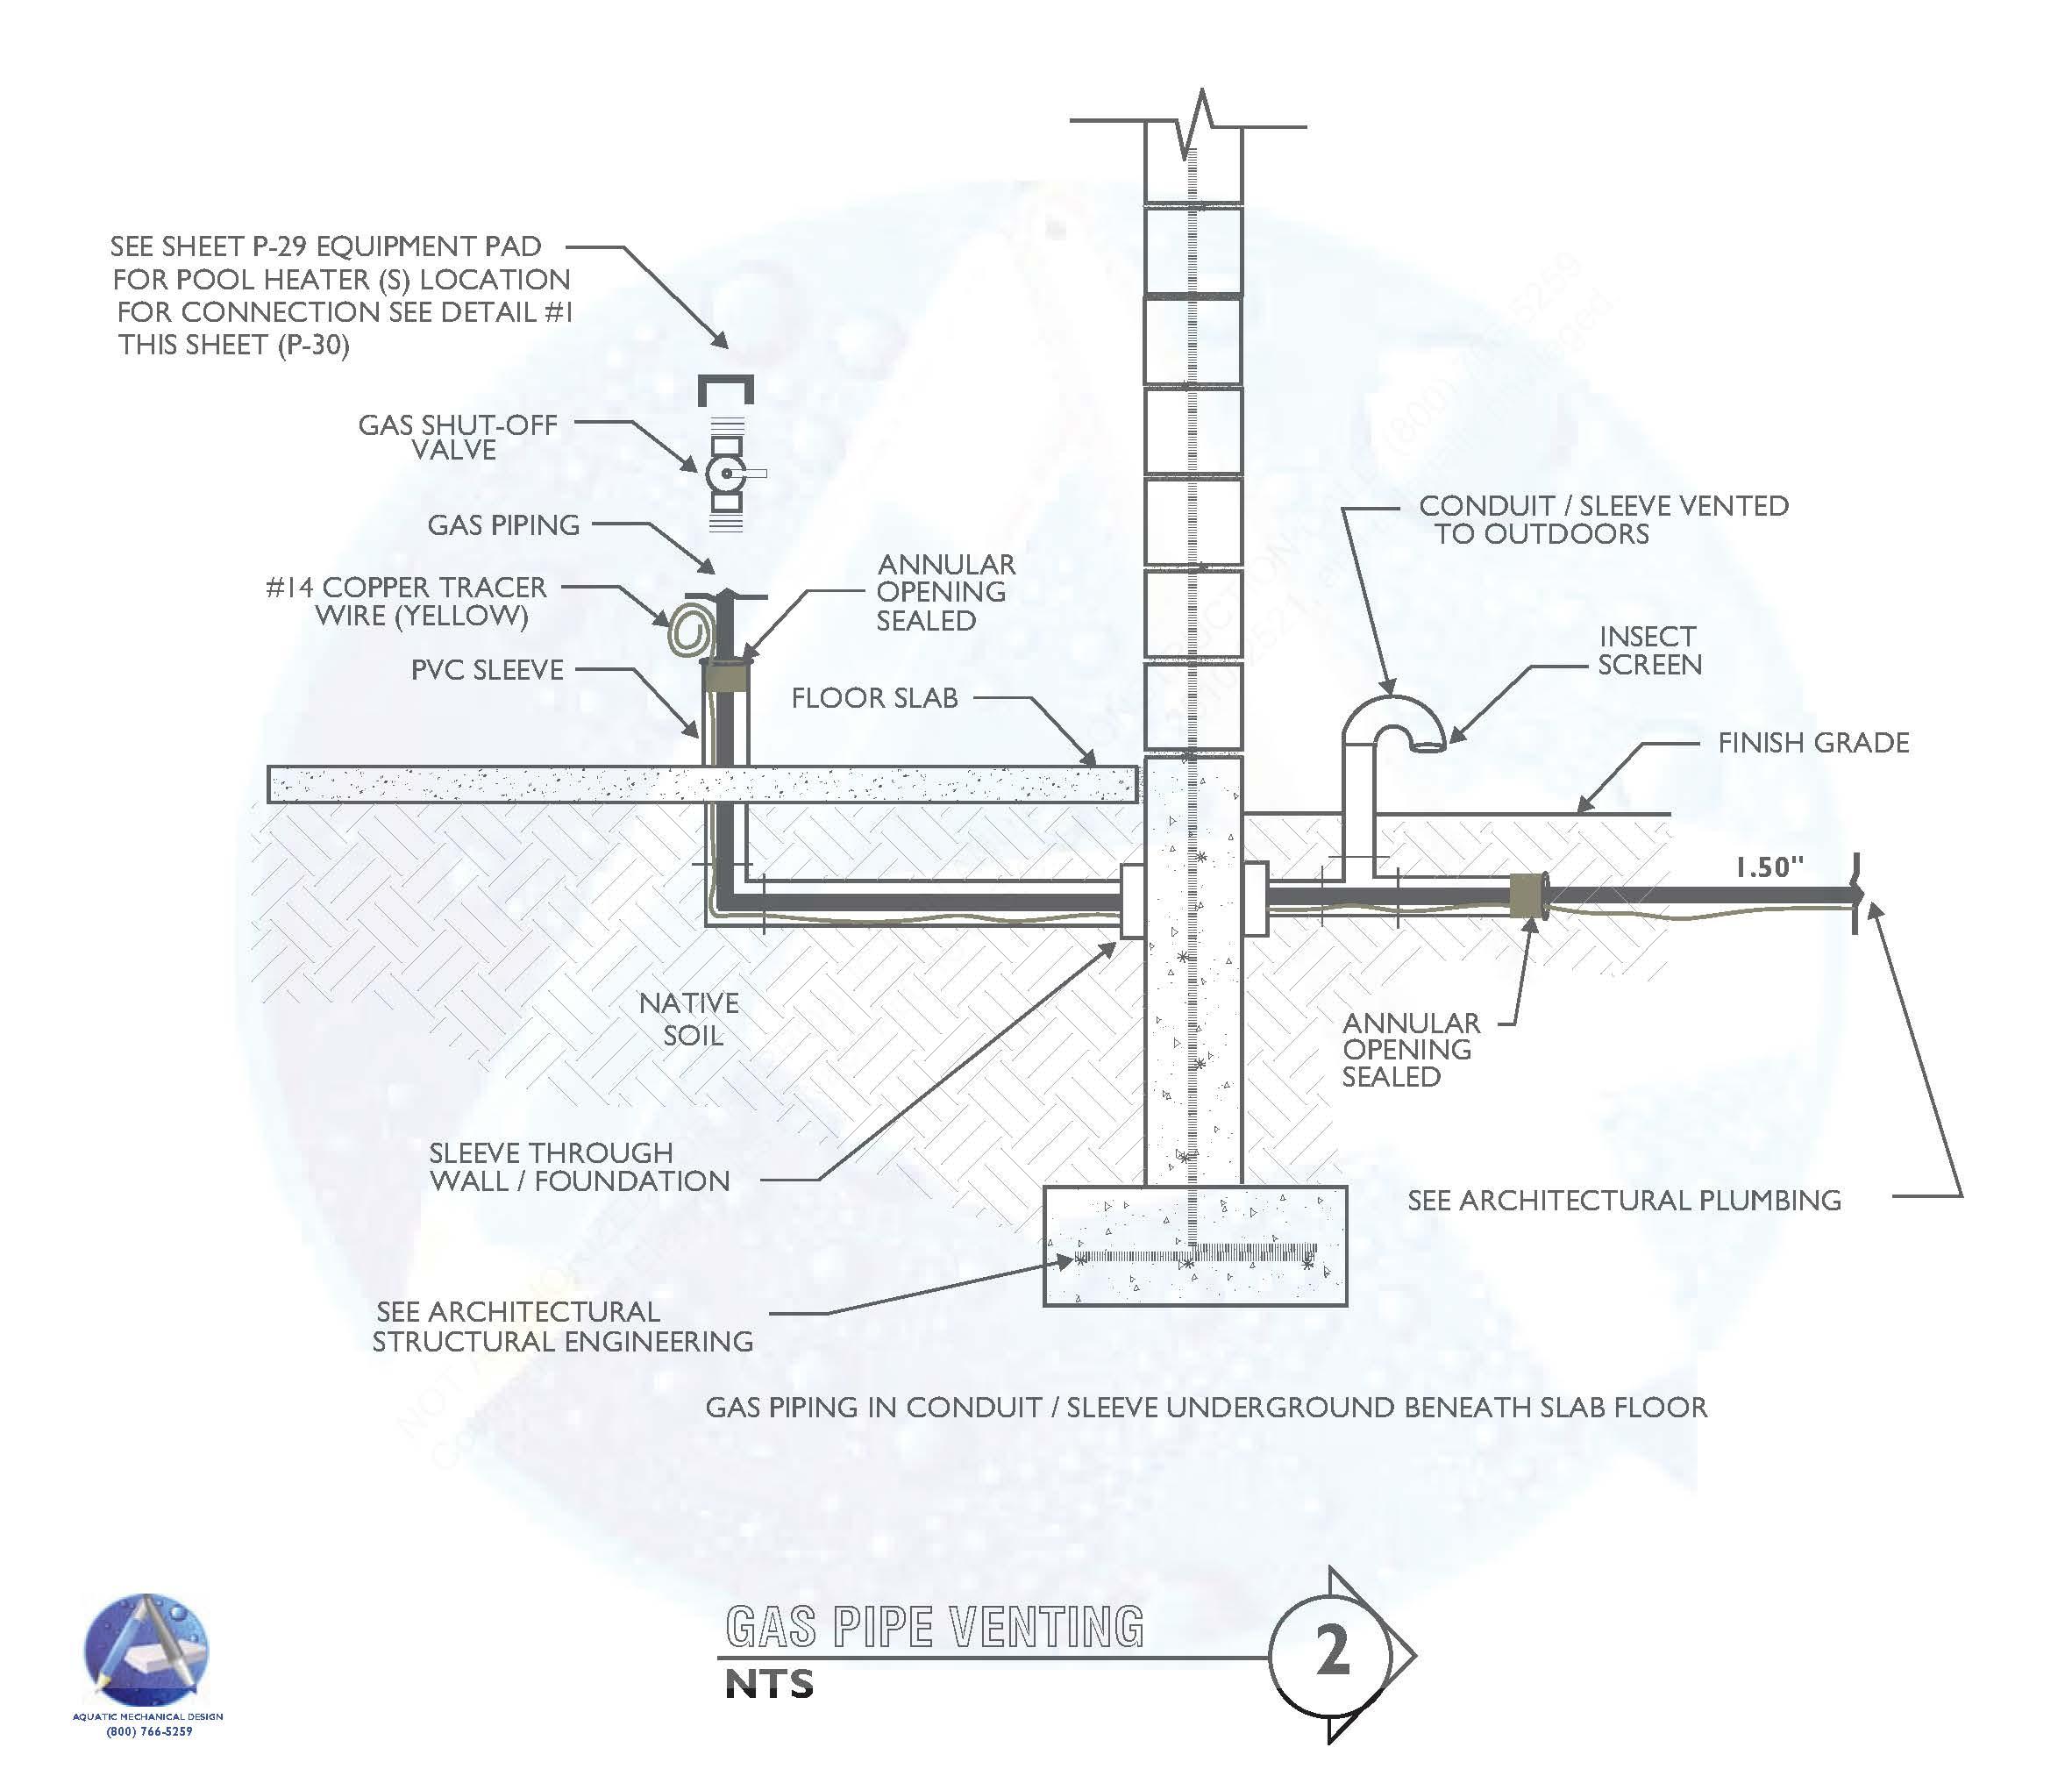 Swim Quest Milburn Nj Aquatic Mechanical Engineering